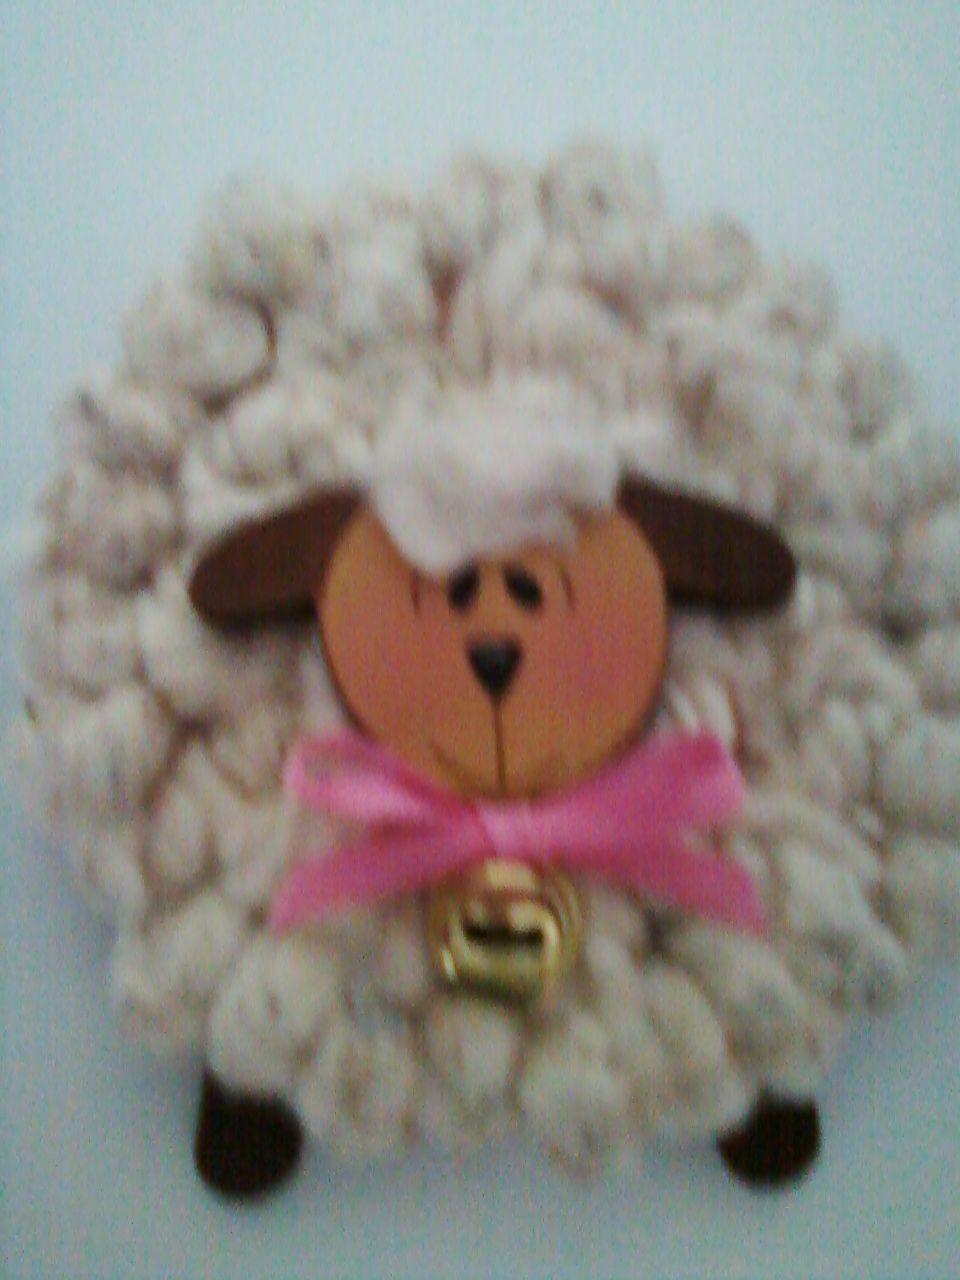 Souvenir de borreguito by manualidades jazz baby for Manualidades souvenirs navidenos